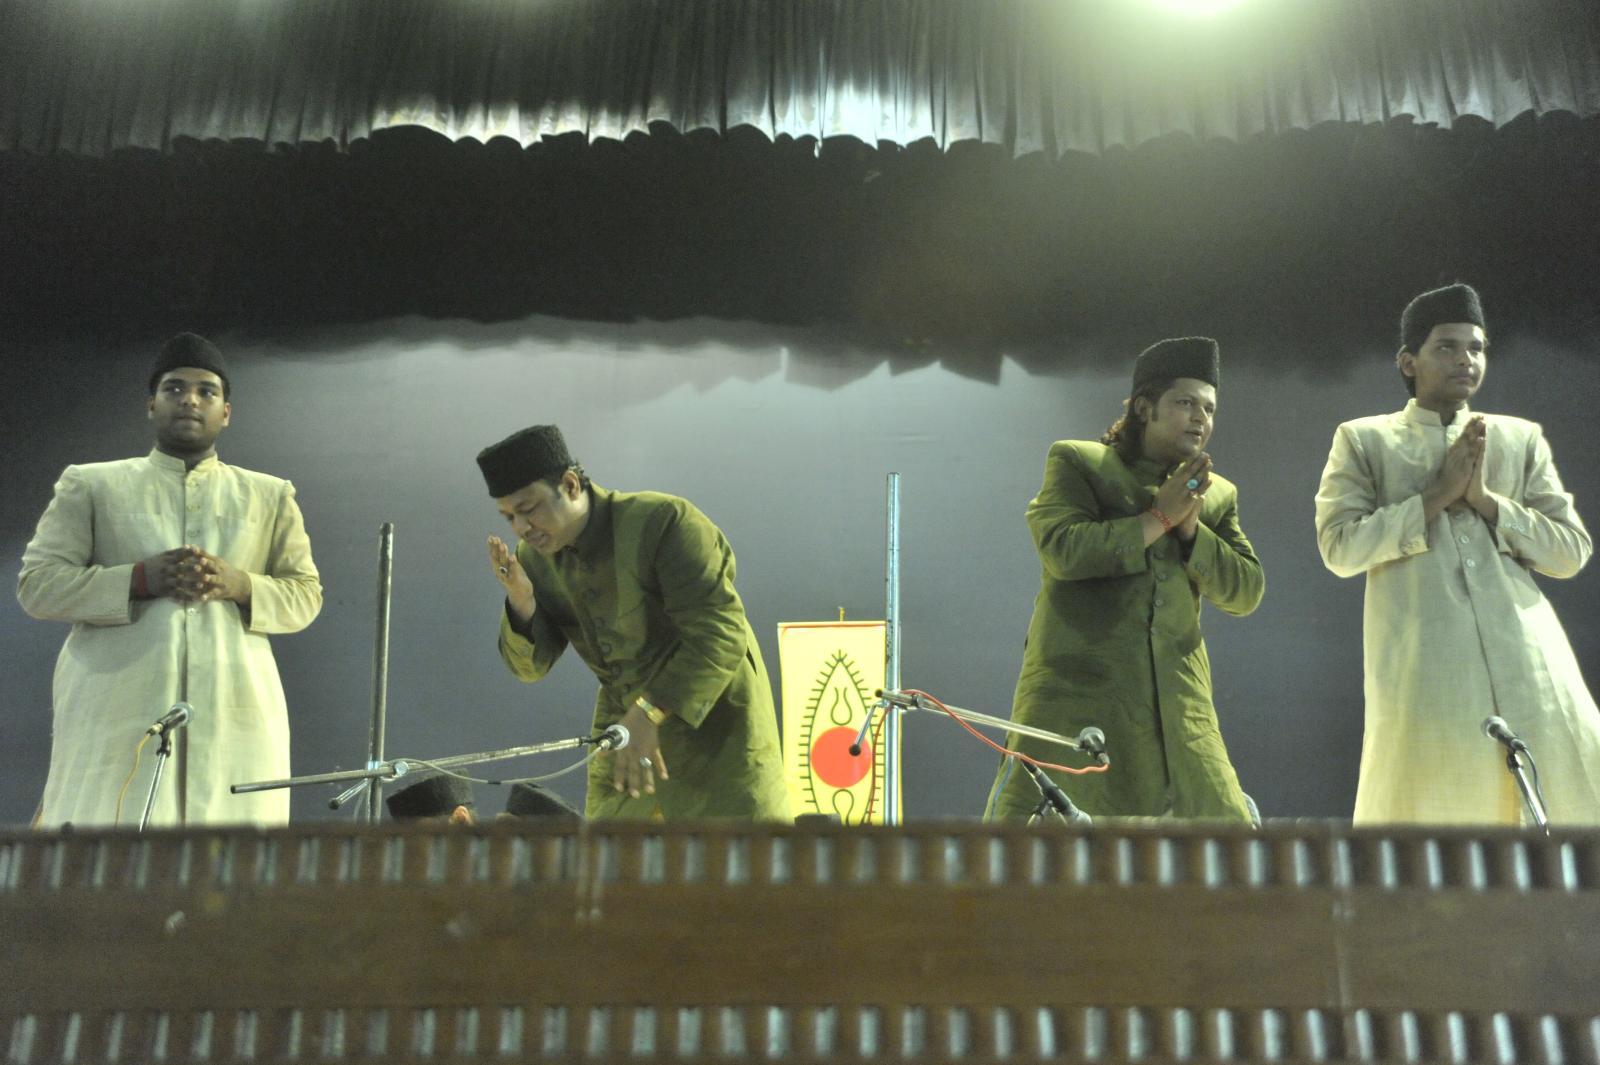 Shukriya, Adaab; Dhanyawad namaskaram to a standing ovatio